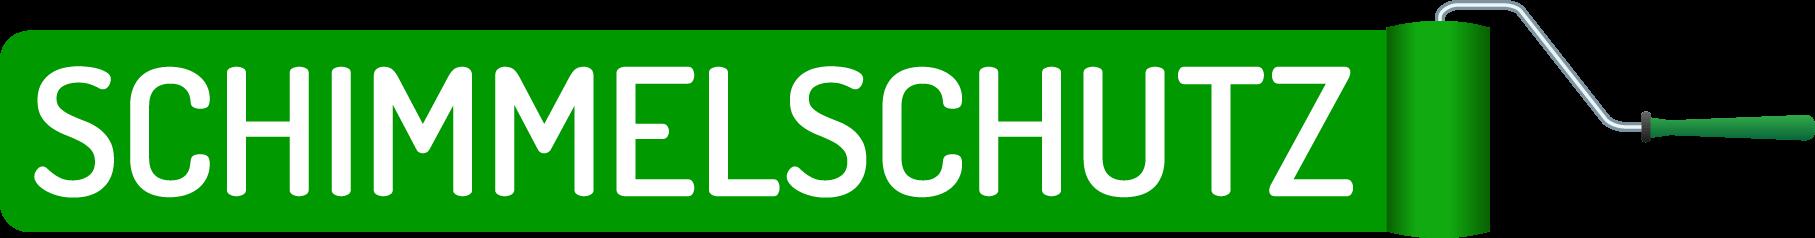 MINECO Schimmelschutz